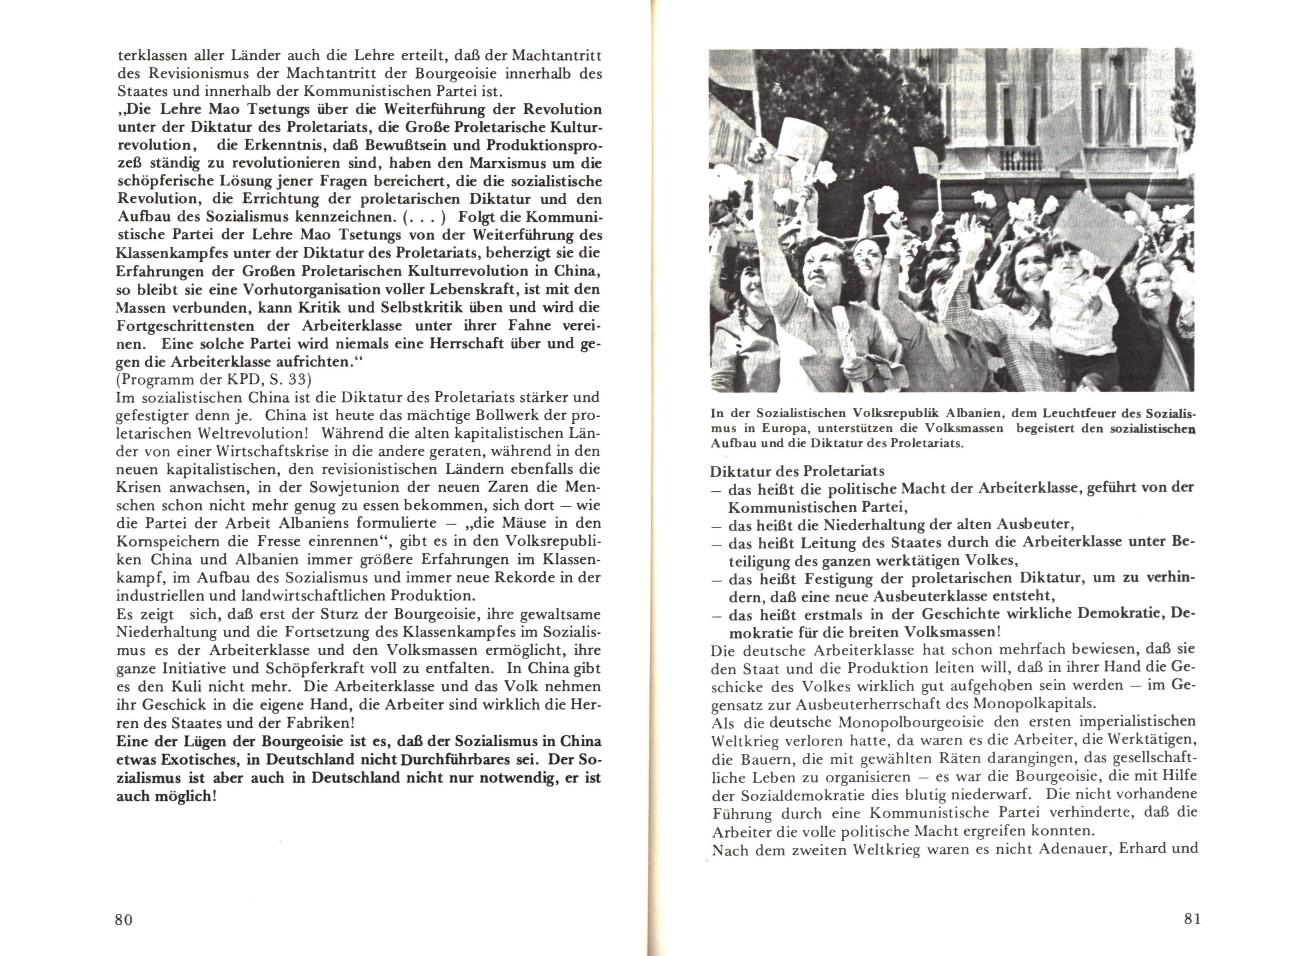 KPDAO_1976_Agitationsbroschuere_zur_BTW_42